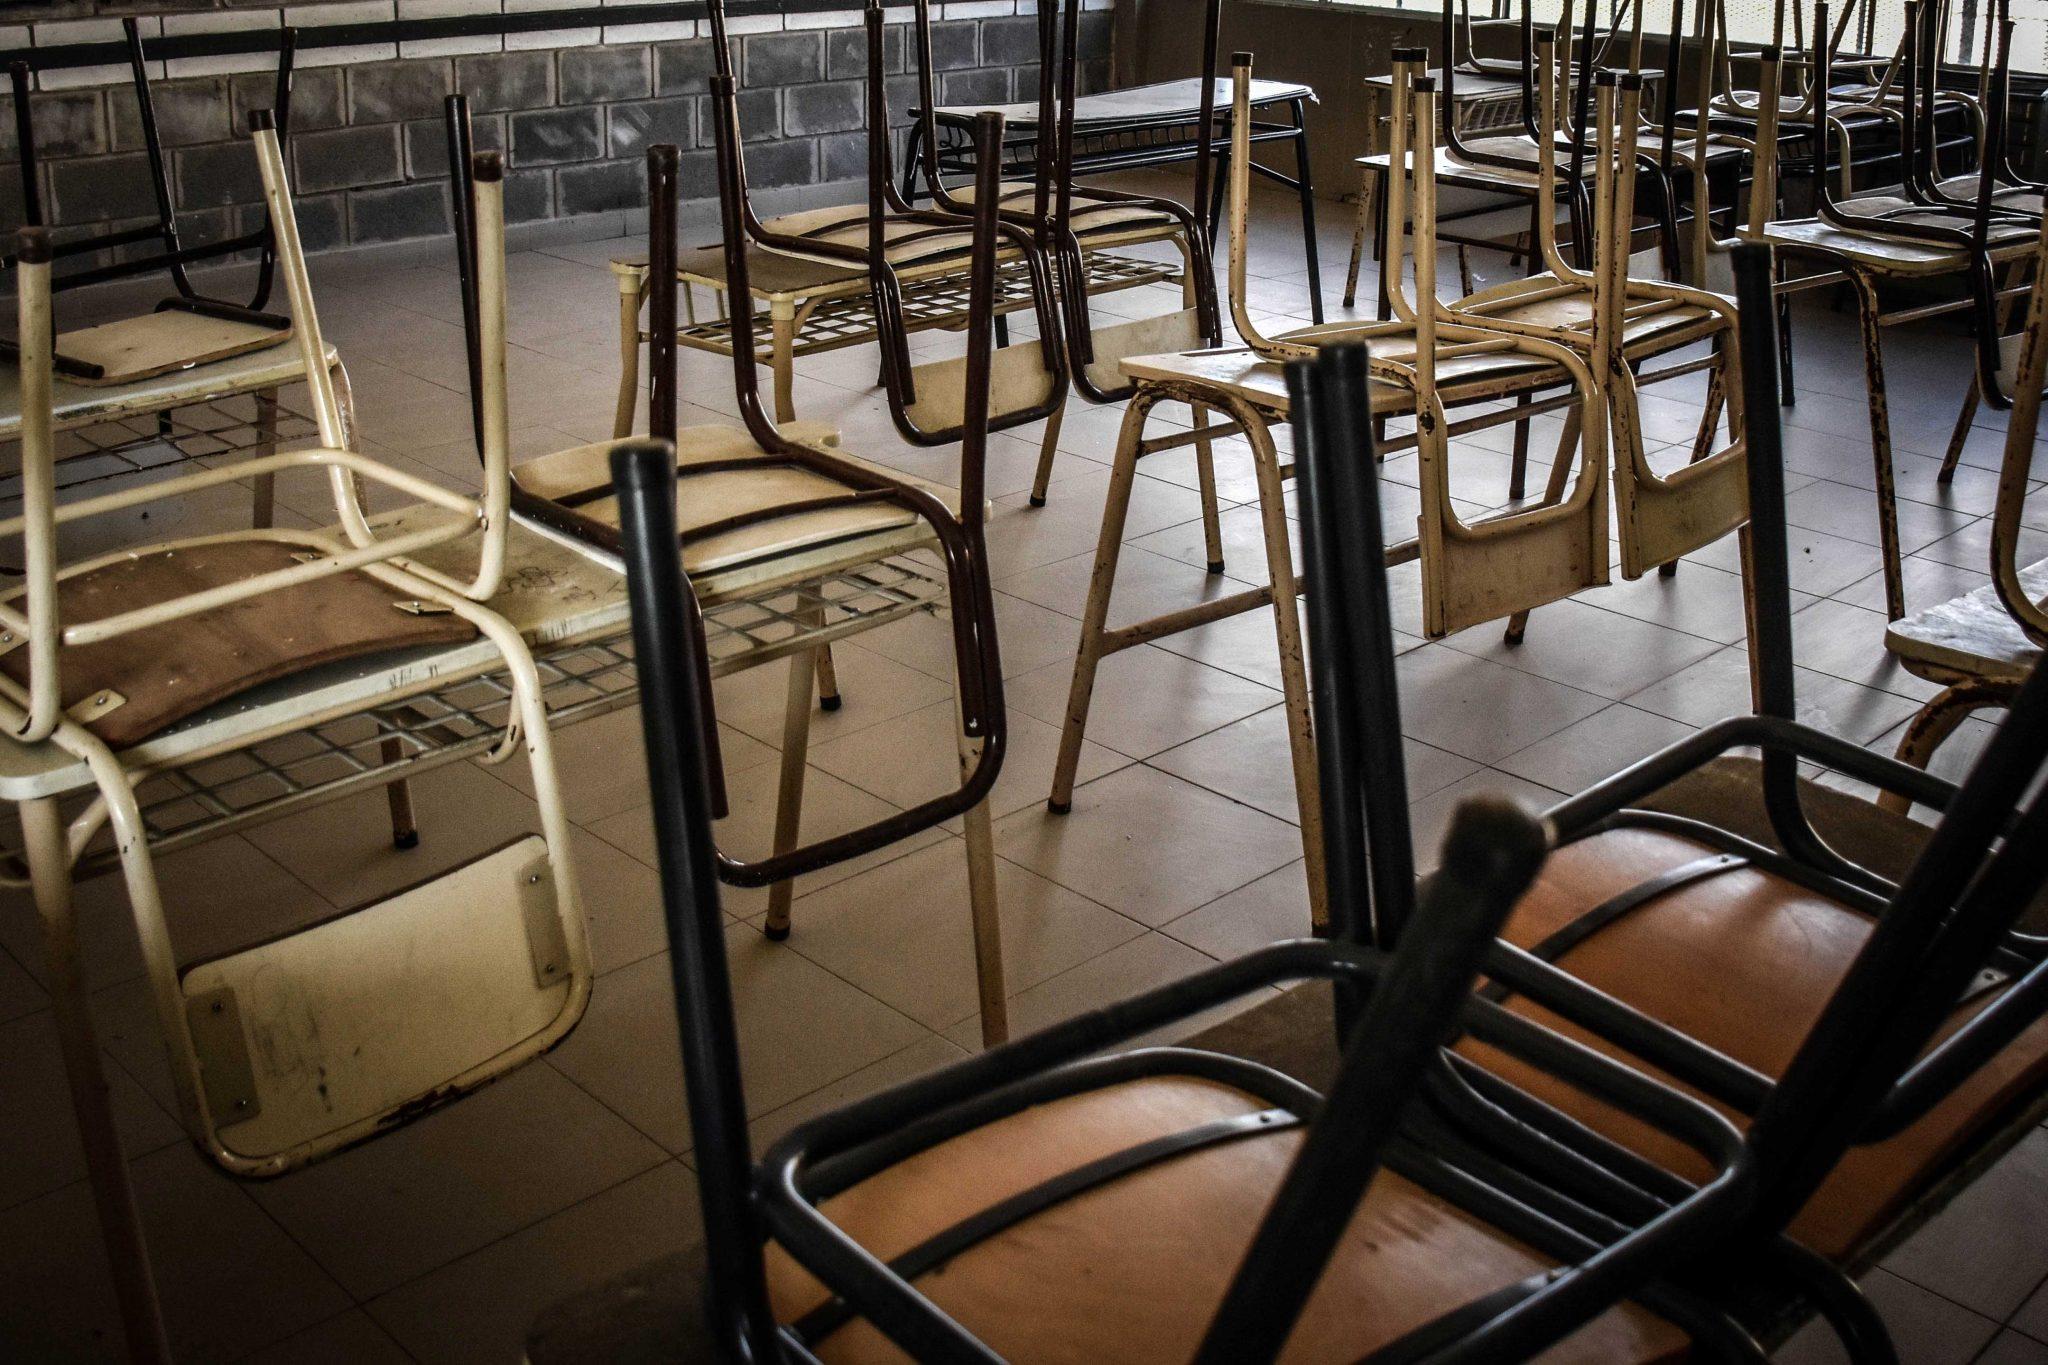 Críticas de docentes a los protocolos sanitarios para la vuelta a la presencialidad